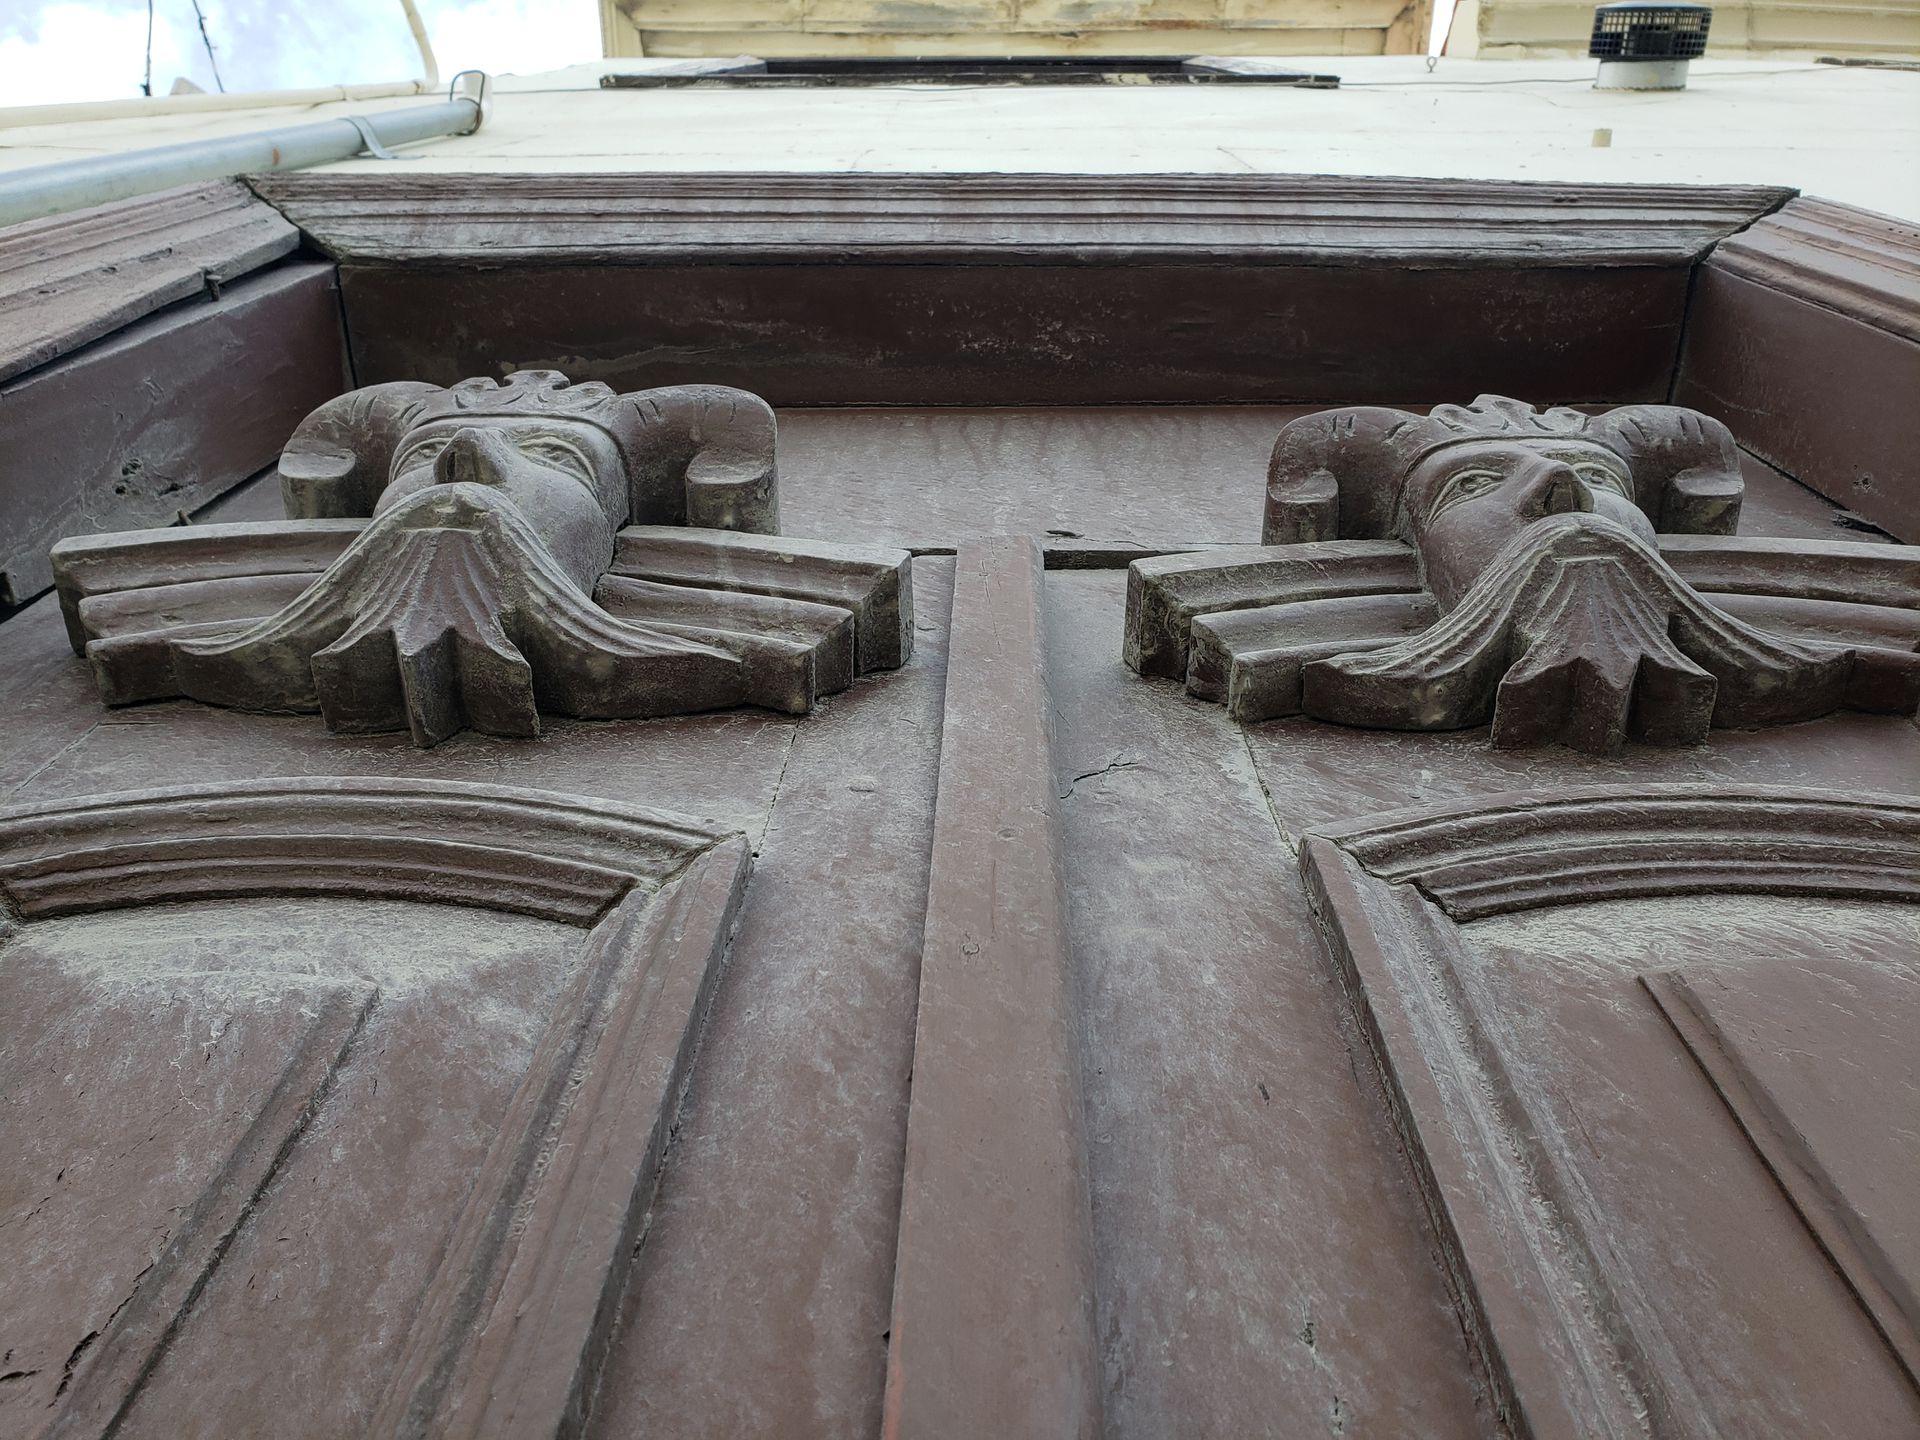 Antigua Casa Ramos. Los mascarones de madera fueron tallados por los presos.